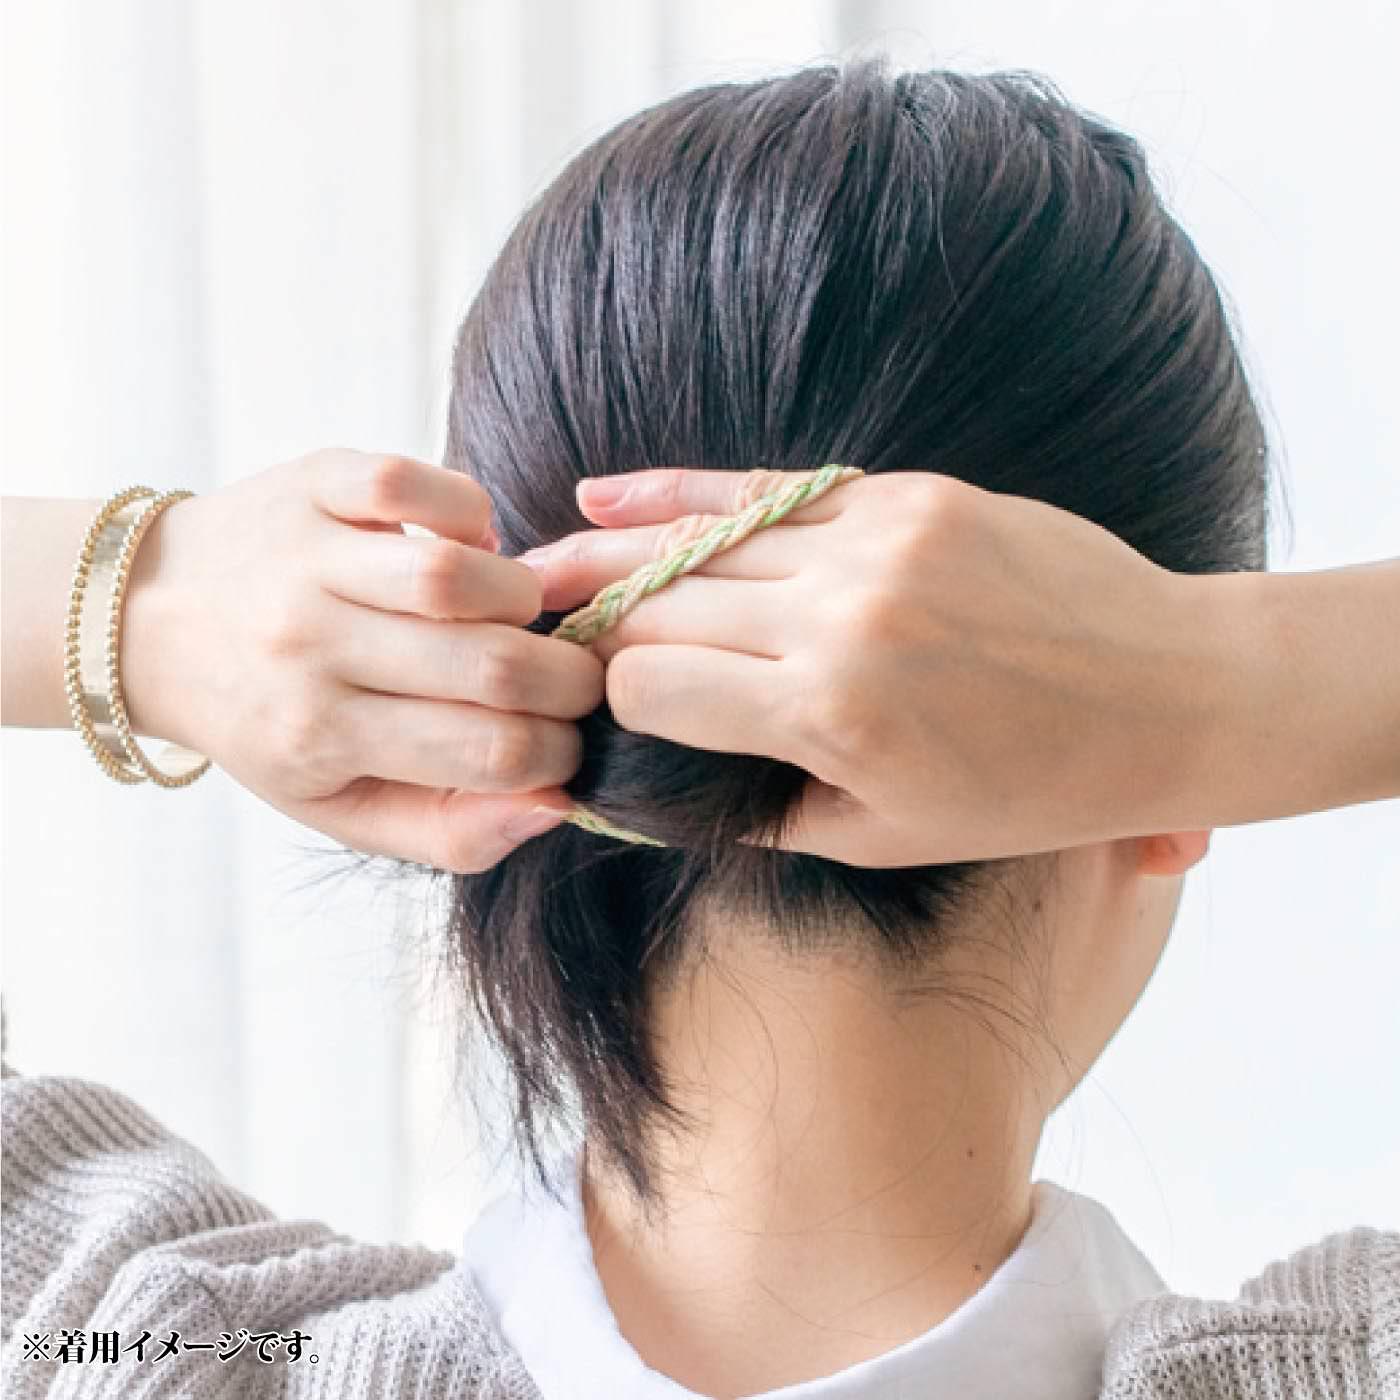 髪をまとめたい時はヘアゴム部分だけを外して。